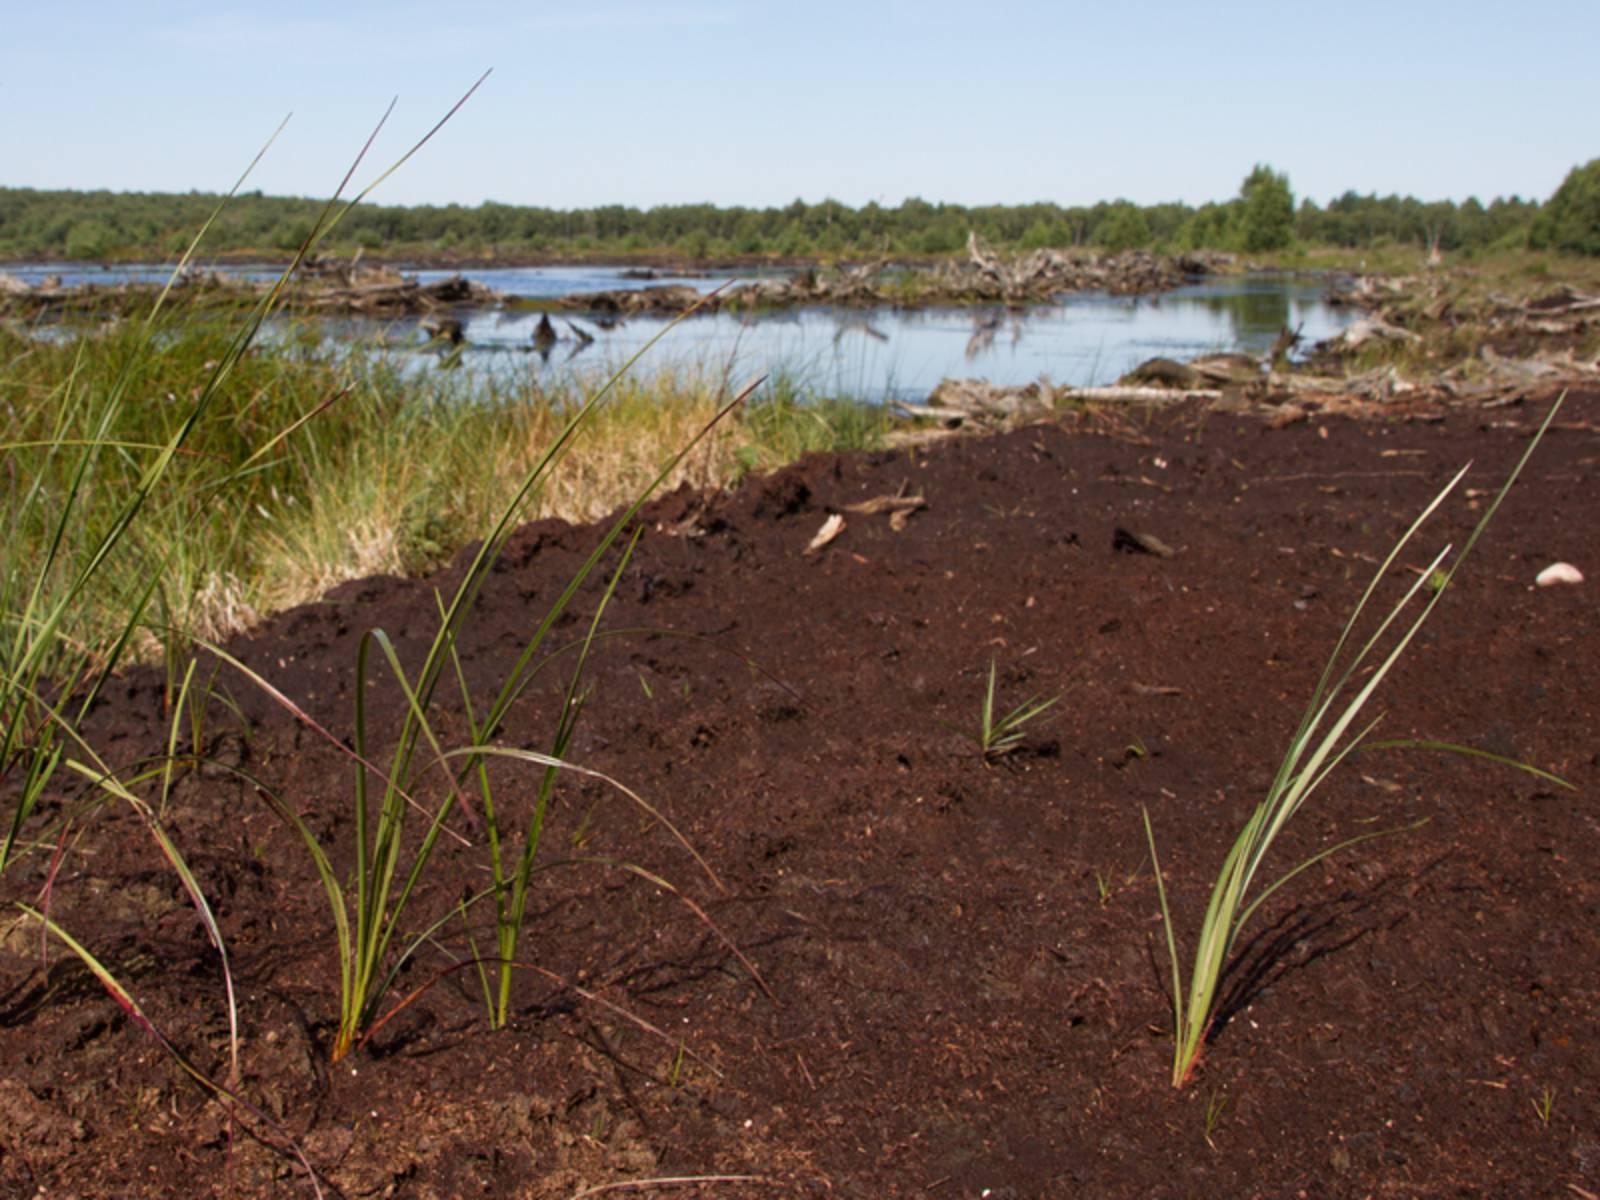 Moorlandschaft mit moorspezifischen Gräsern, der Boden ist feucht und torfhaltig.